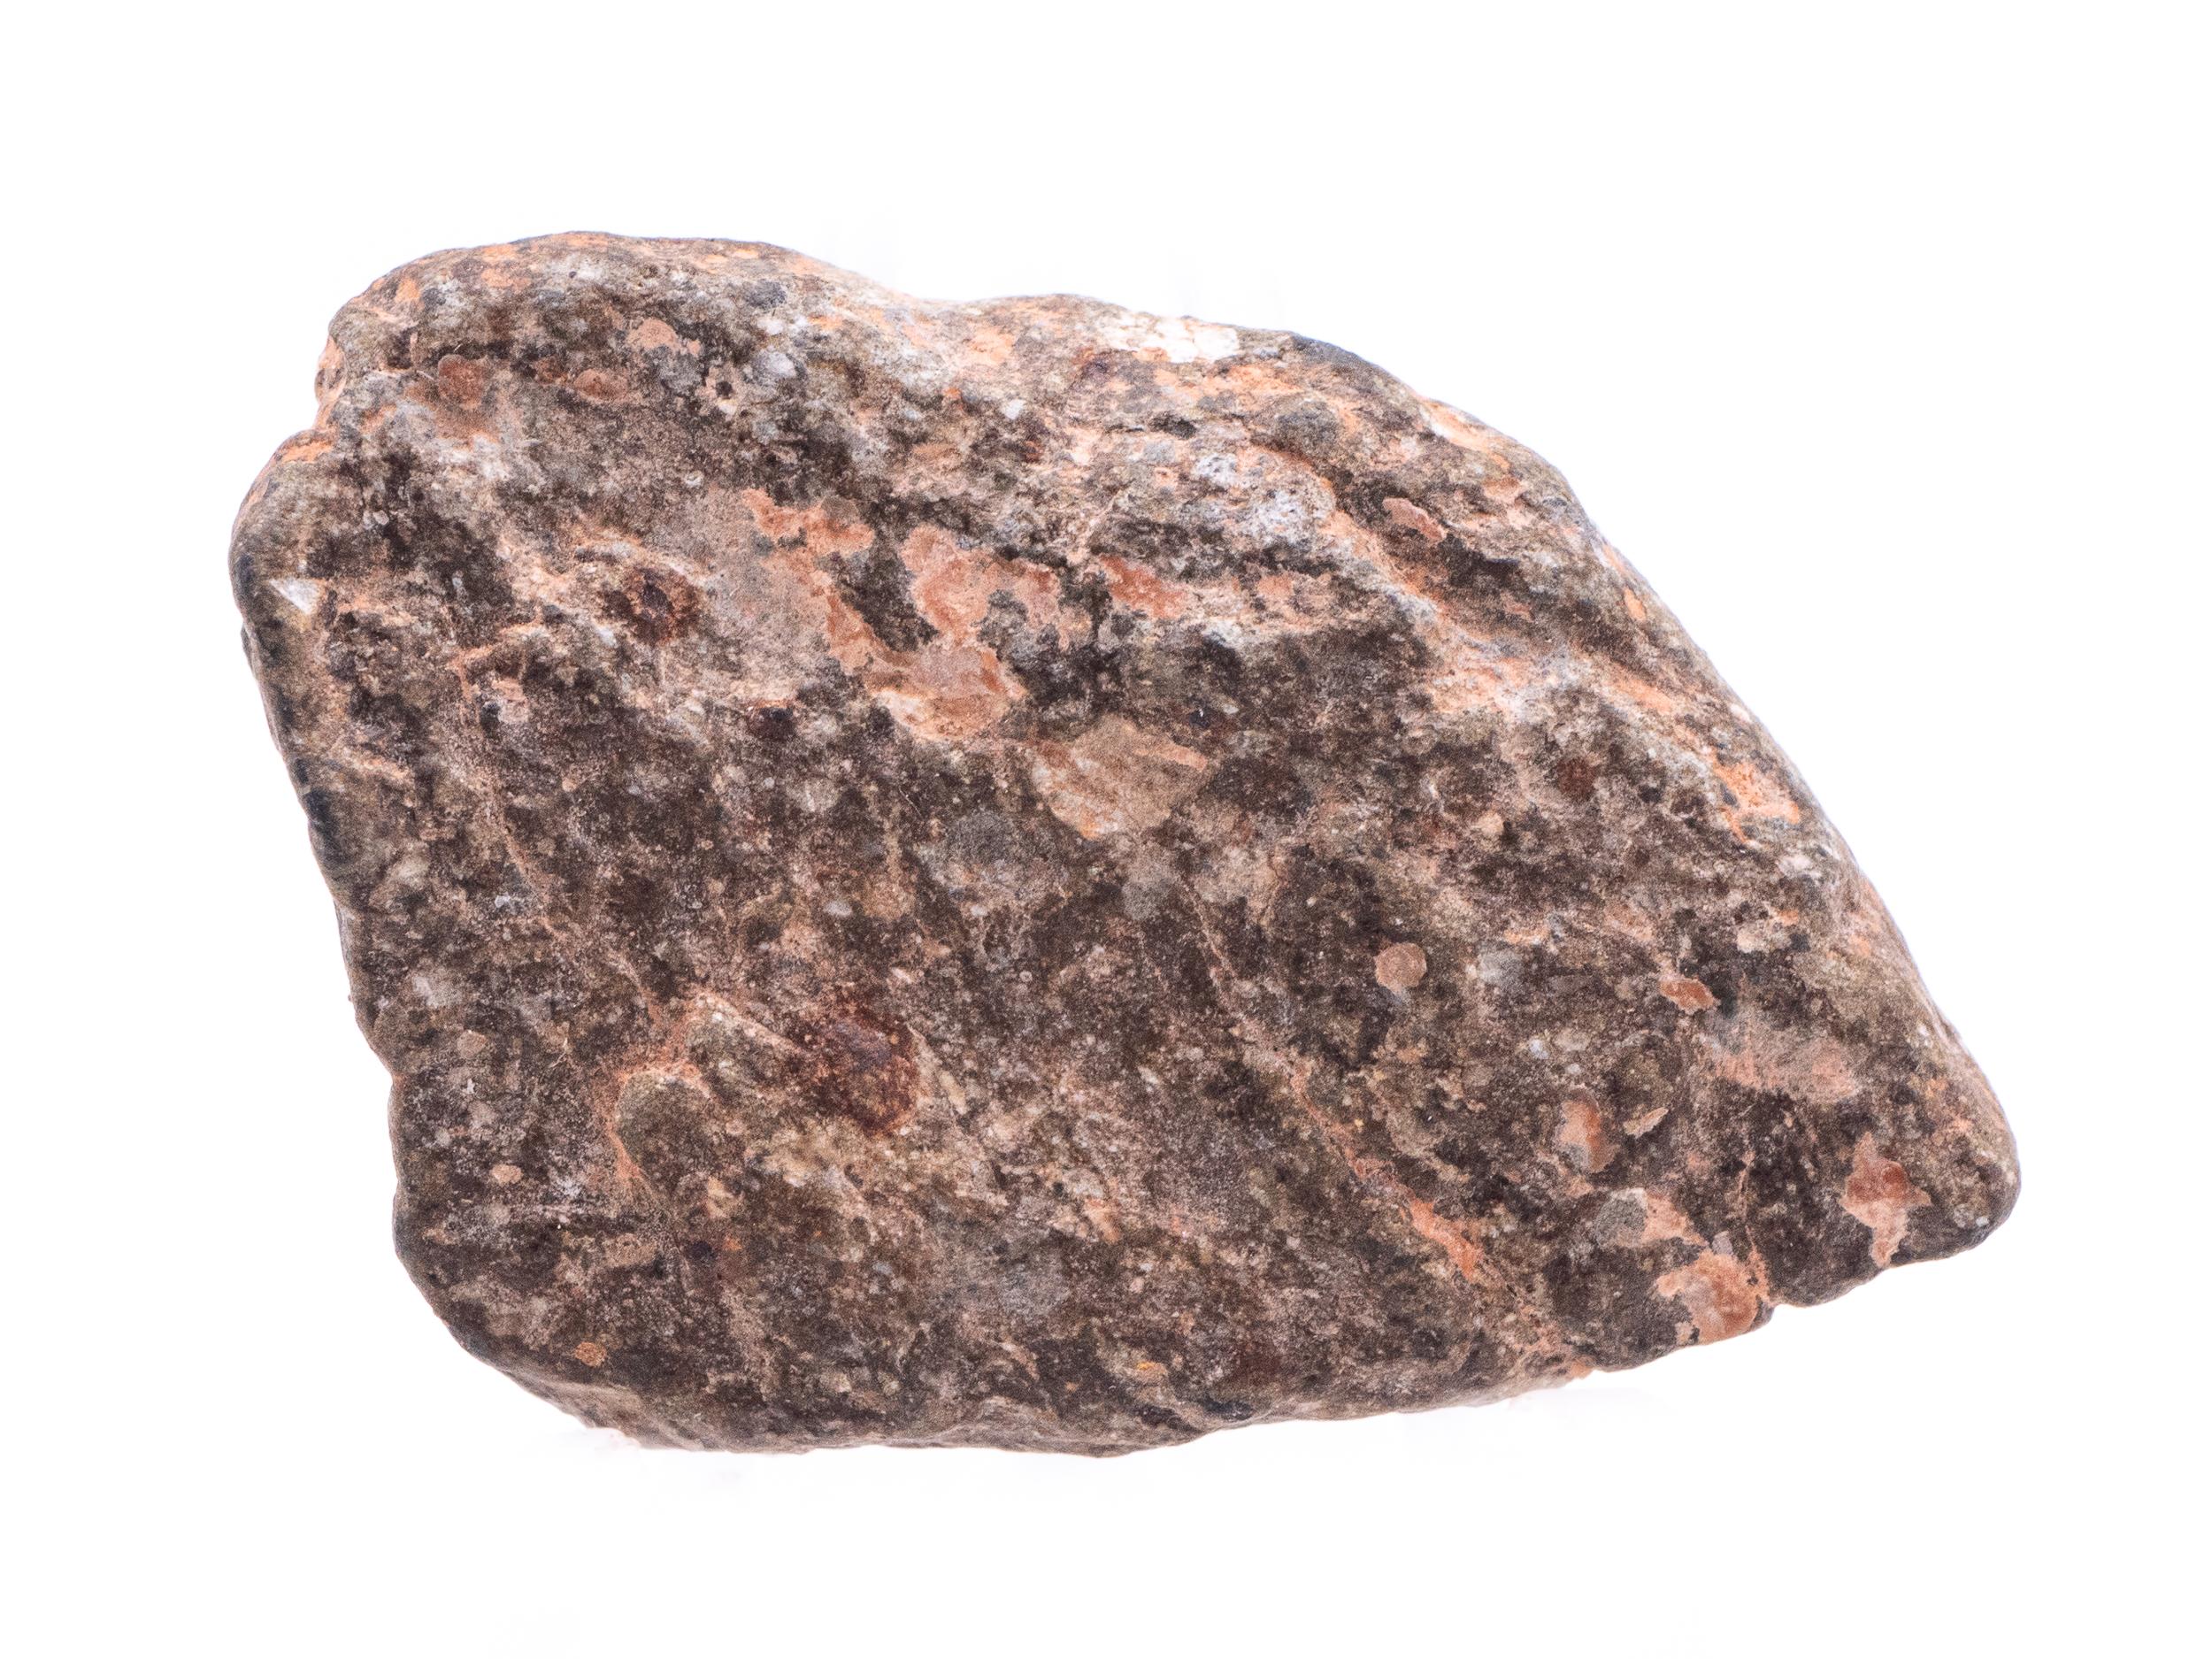 lunar meteorite 10 grams